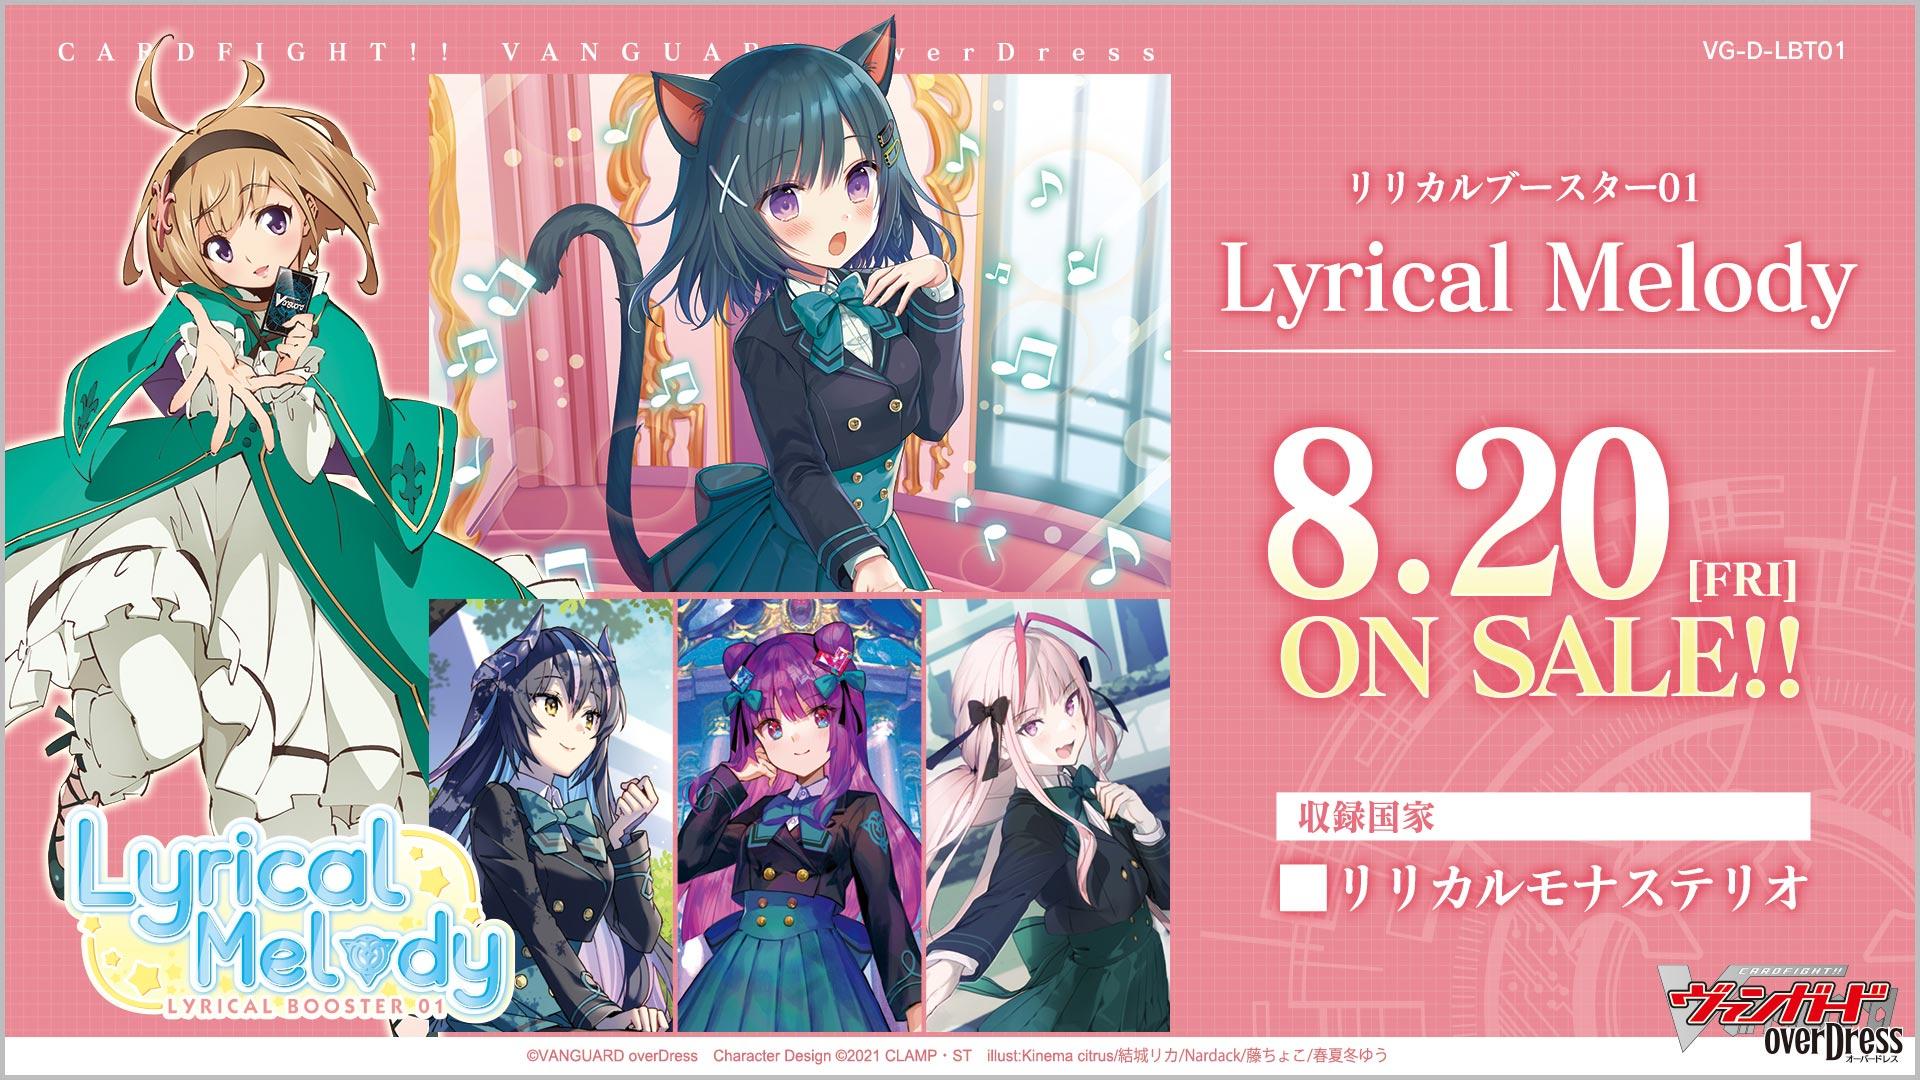 【D-LBT01】「Lyrical Melody」